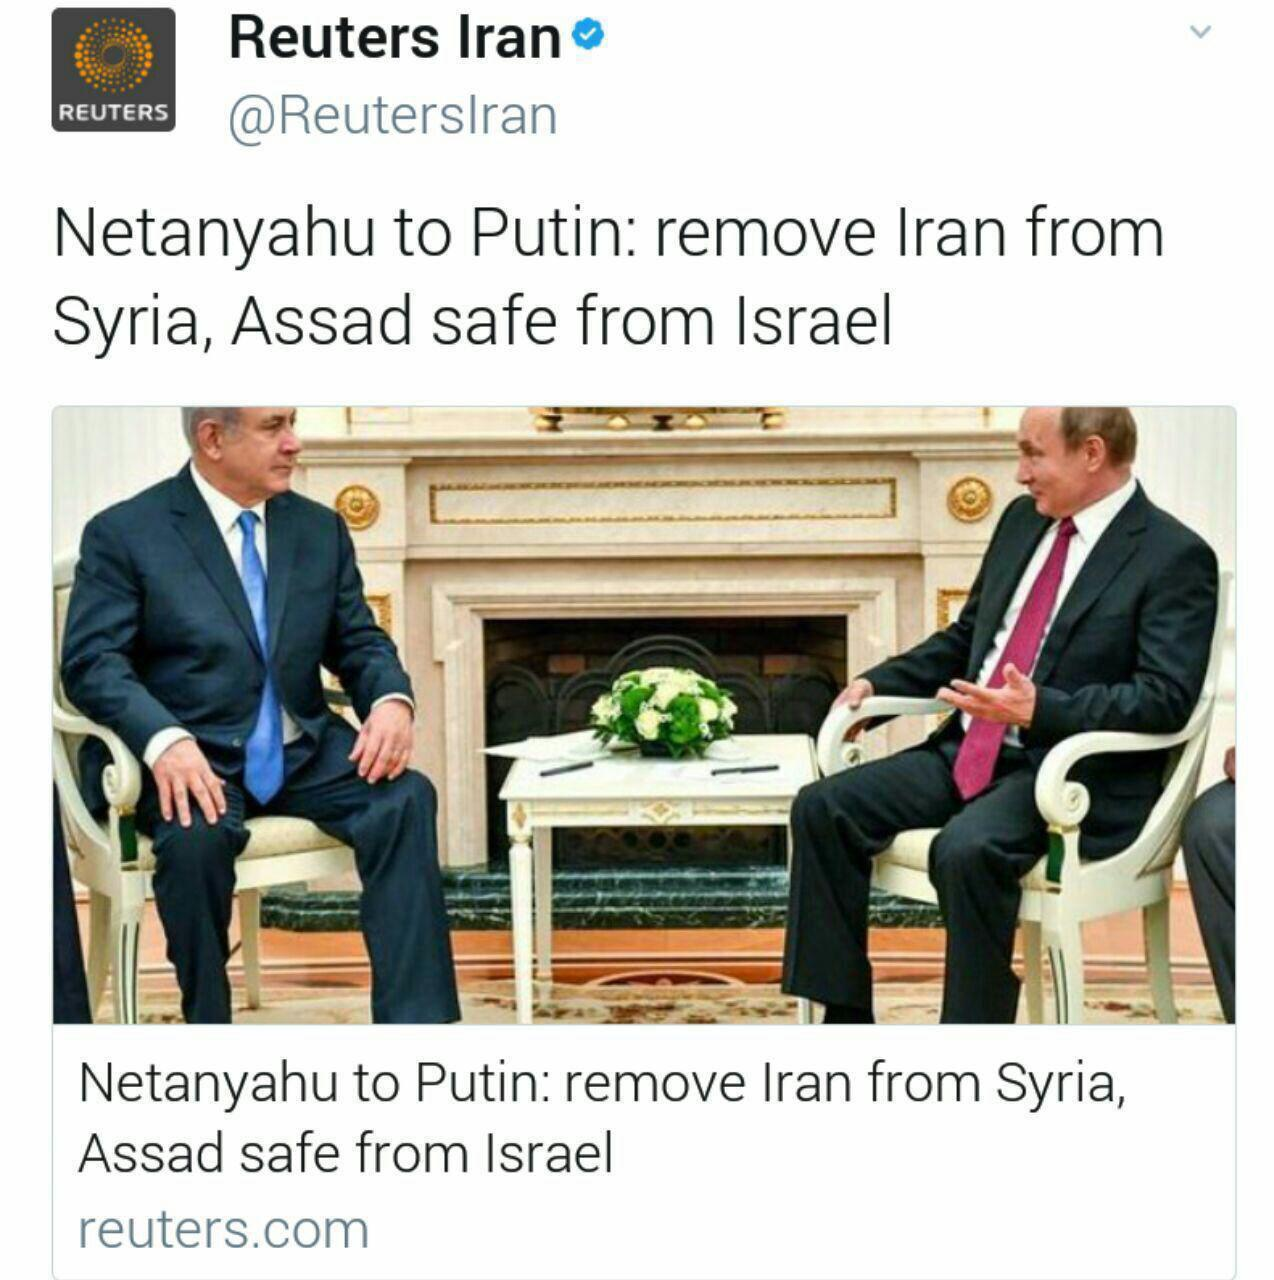 نتانیاهو با پوتین دیدار کرد/ نتانیاهو به پوتین: ایران را از سوریه خارج کنید/ اسد از طرف اسراییل ایمن است